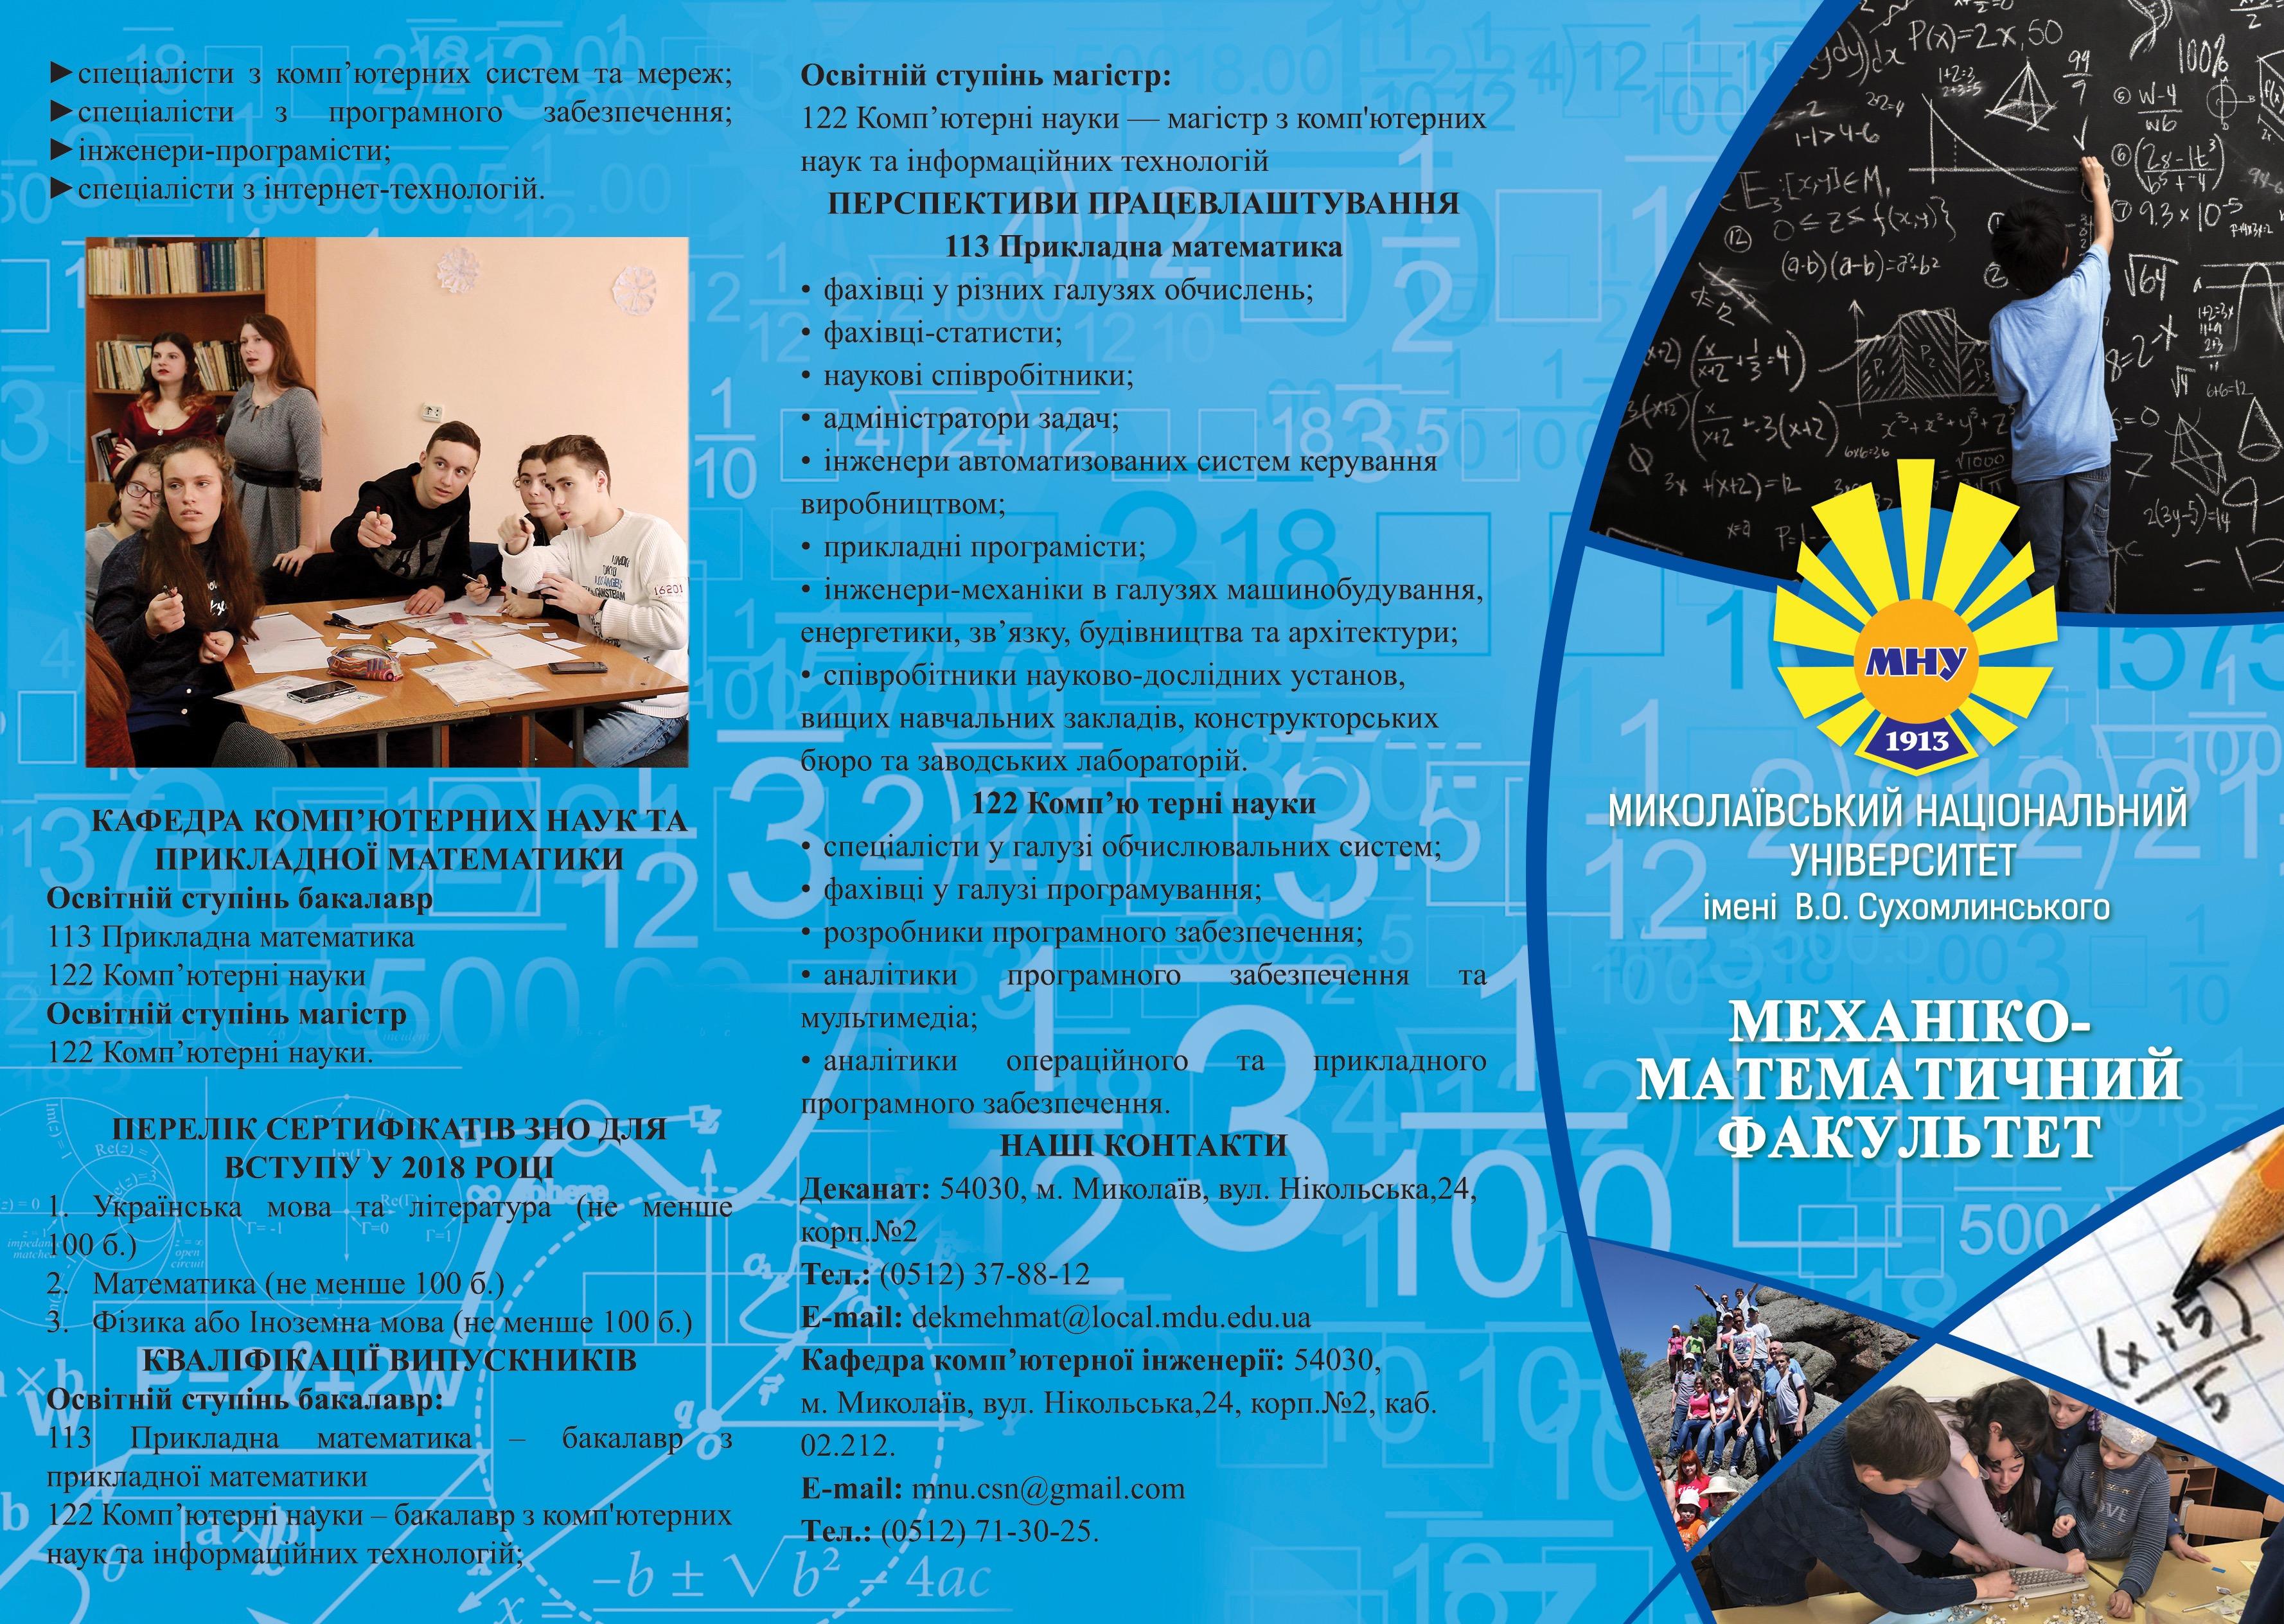 Механіко-математичний факультет